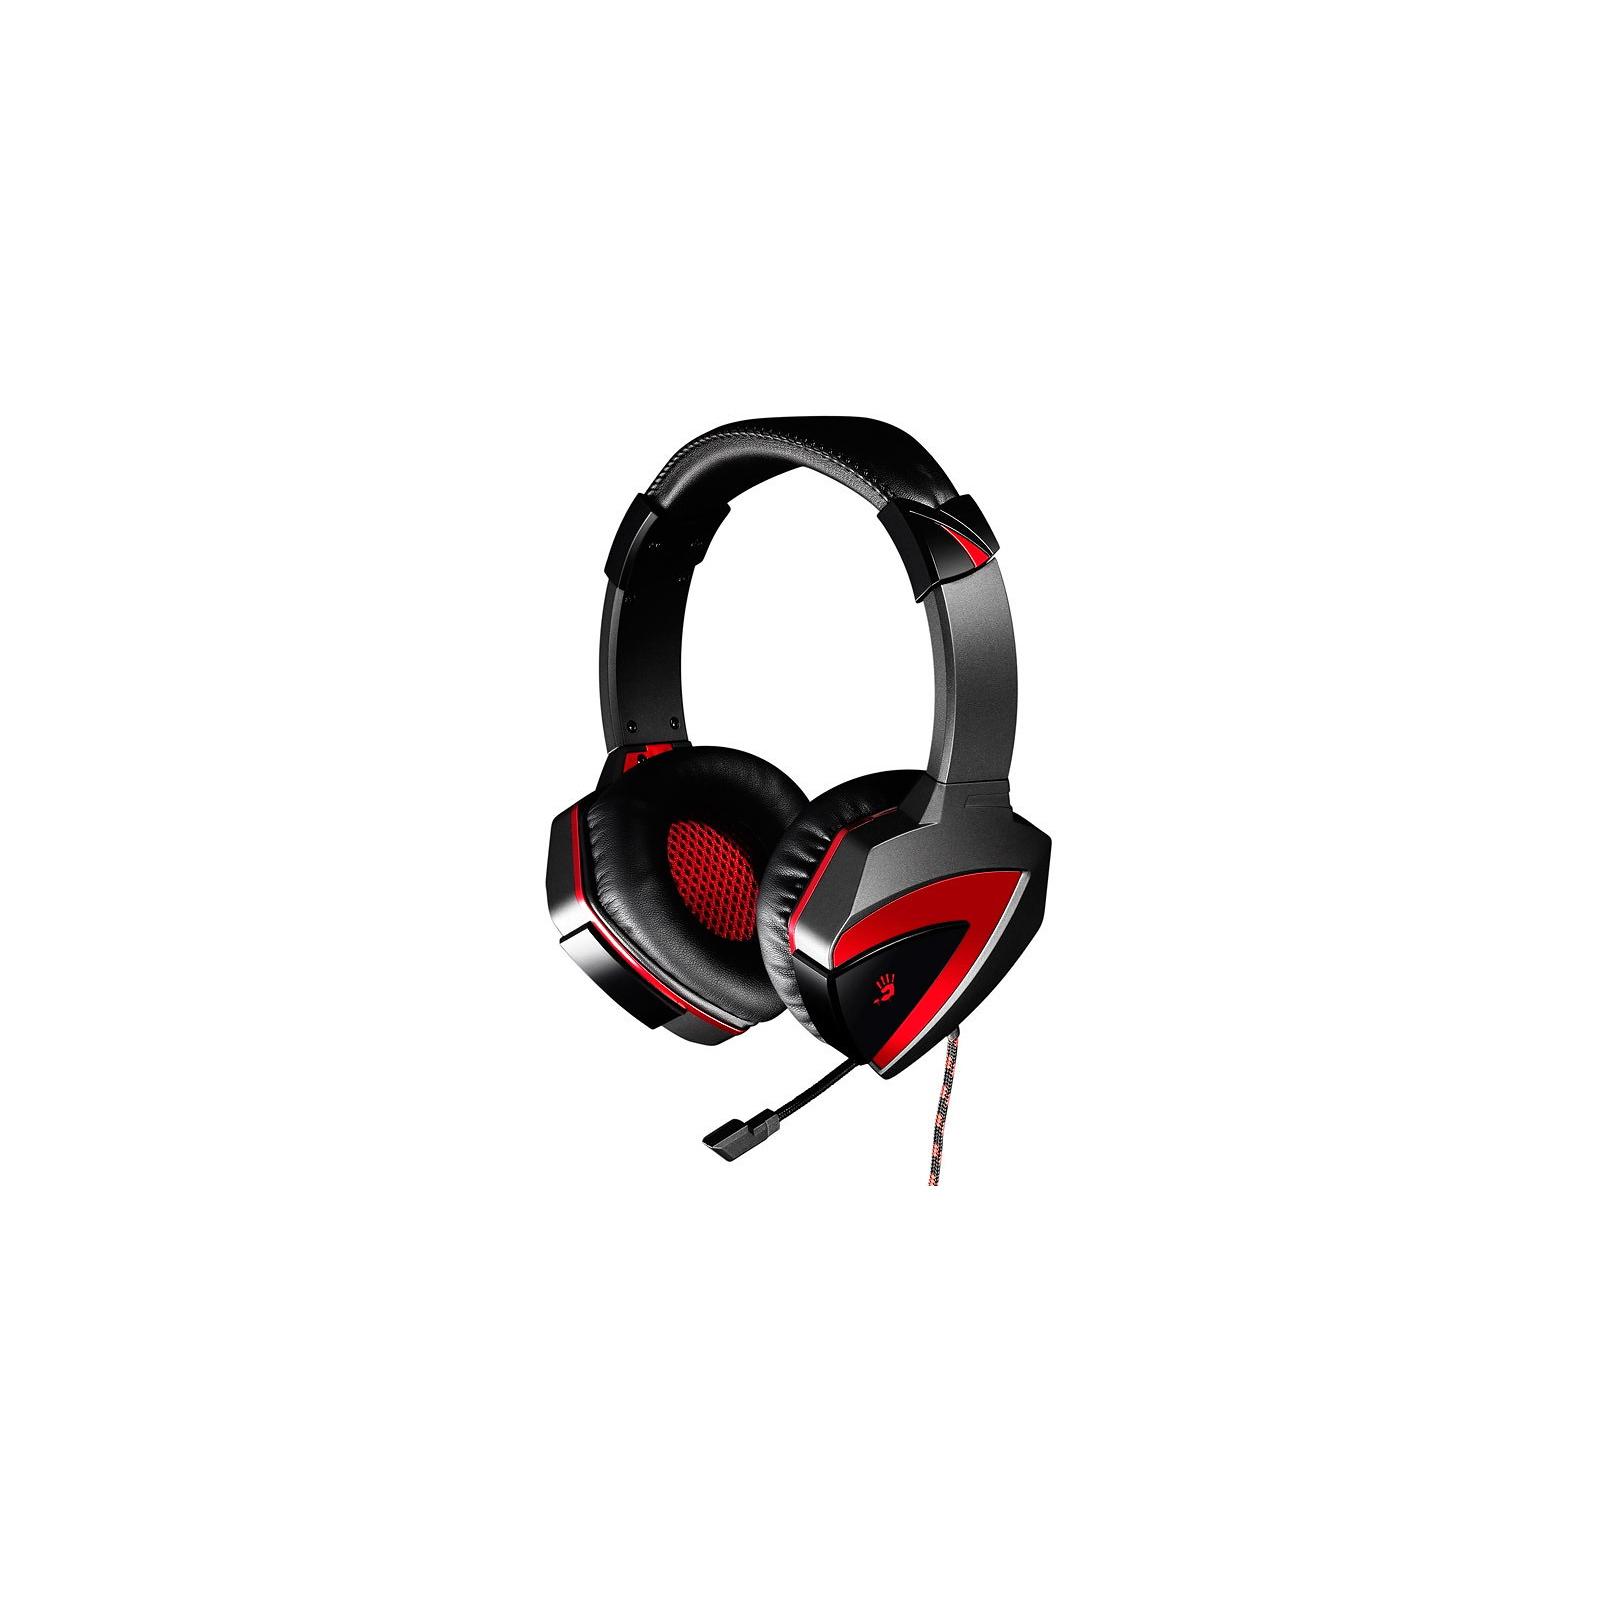 Навушники A4tech Bloody G501 ціни в Києві та Українi - купити в ... 7cab555aa098c